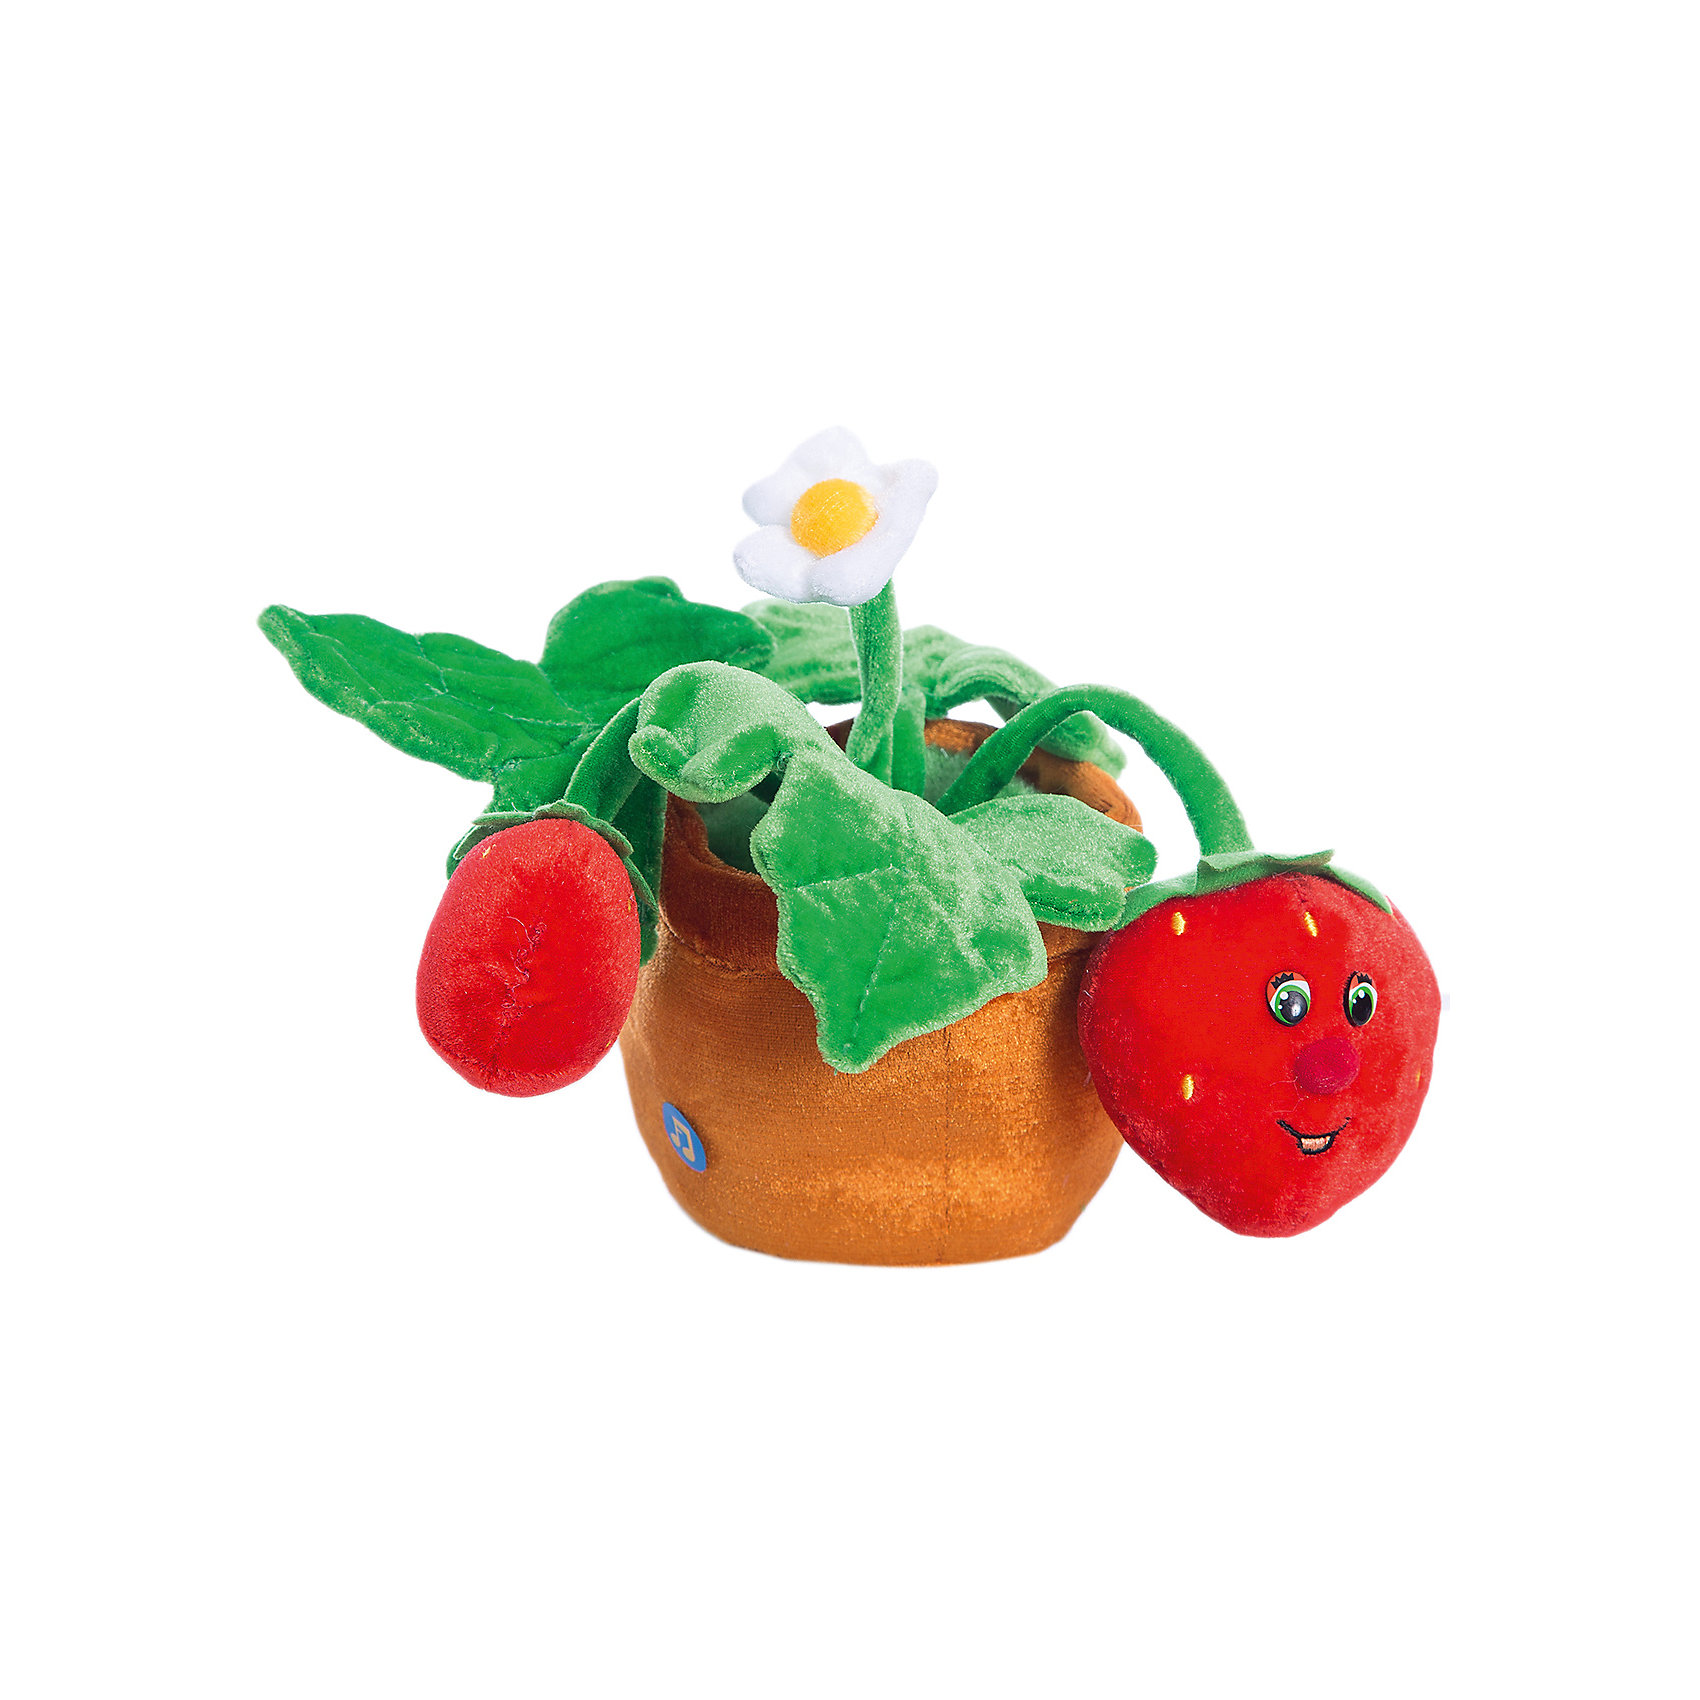 Земляника музыкальная, 22 см., LAVAМягкие игрушки животные<br>Этот кустик земляники никогда не завянет и будет радовать ребенка яркостью и веселой песенкой! Игрушка выполнена из высококачественного гипоаллергенного материала, очень приятна на ощупь, абсолютно безопасна для детей.  <br><br>Дополнительная информация:<br><br>- Материал: текстиль, синтепон, пластик.<br>- Высота: 22 см. <br>- Поет песенку. <br>- Элемент питания: батарейка (в комплекте).<br><br>Землянику музыкальную, 22 см., LAVA (ЛАВА) можно купить в нашем магазине.<br><br>Ширина мм: 150<br>Глубина мм: 150<br>Высота мм: 220<br>Вес г: 311<br>Возраст от месяцев: 36<br>Возраст до месяцев: 1188<br>Пол: Унисекс<br>Возраст: Детский<br>SKU: 4444154